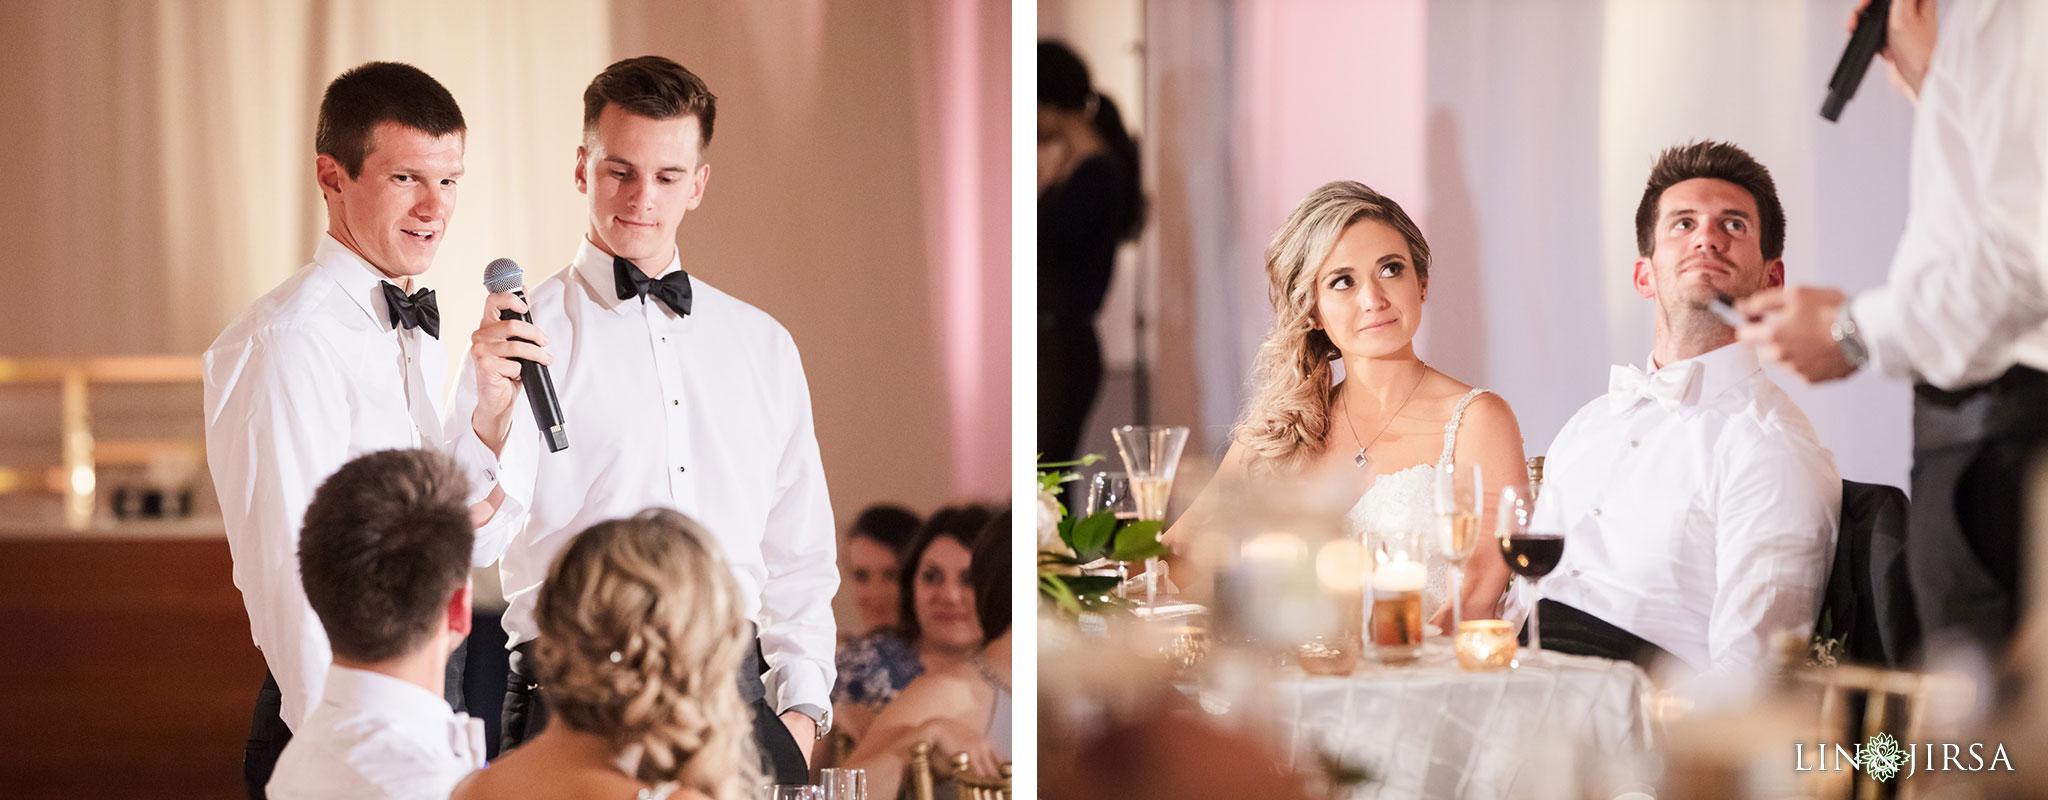 38 balboa bay wedding newport photography